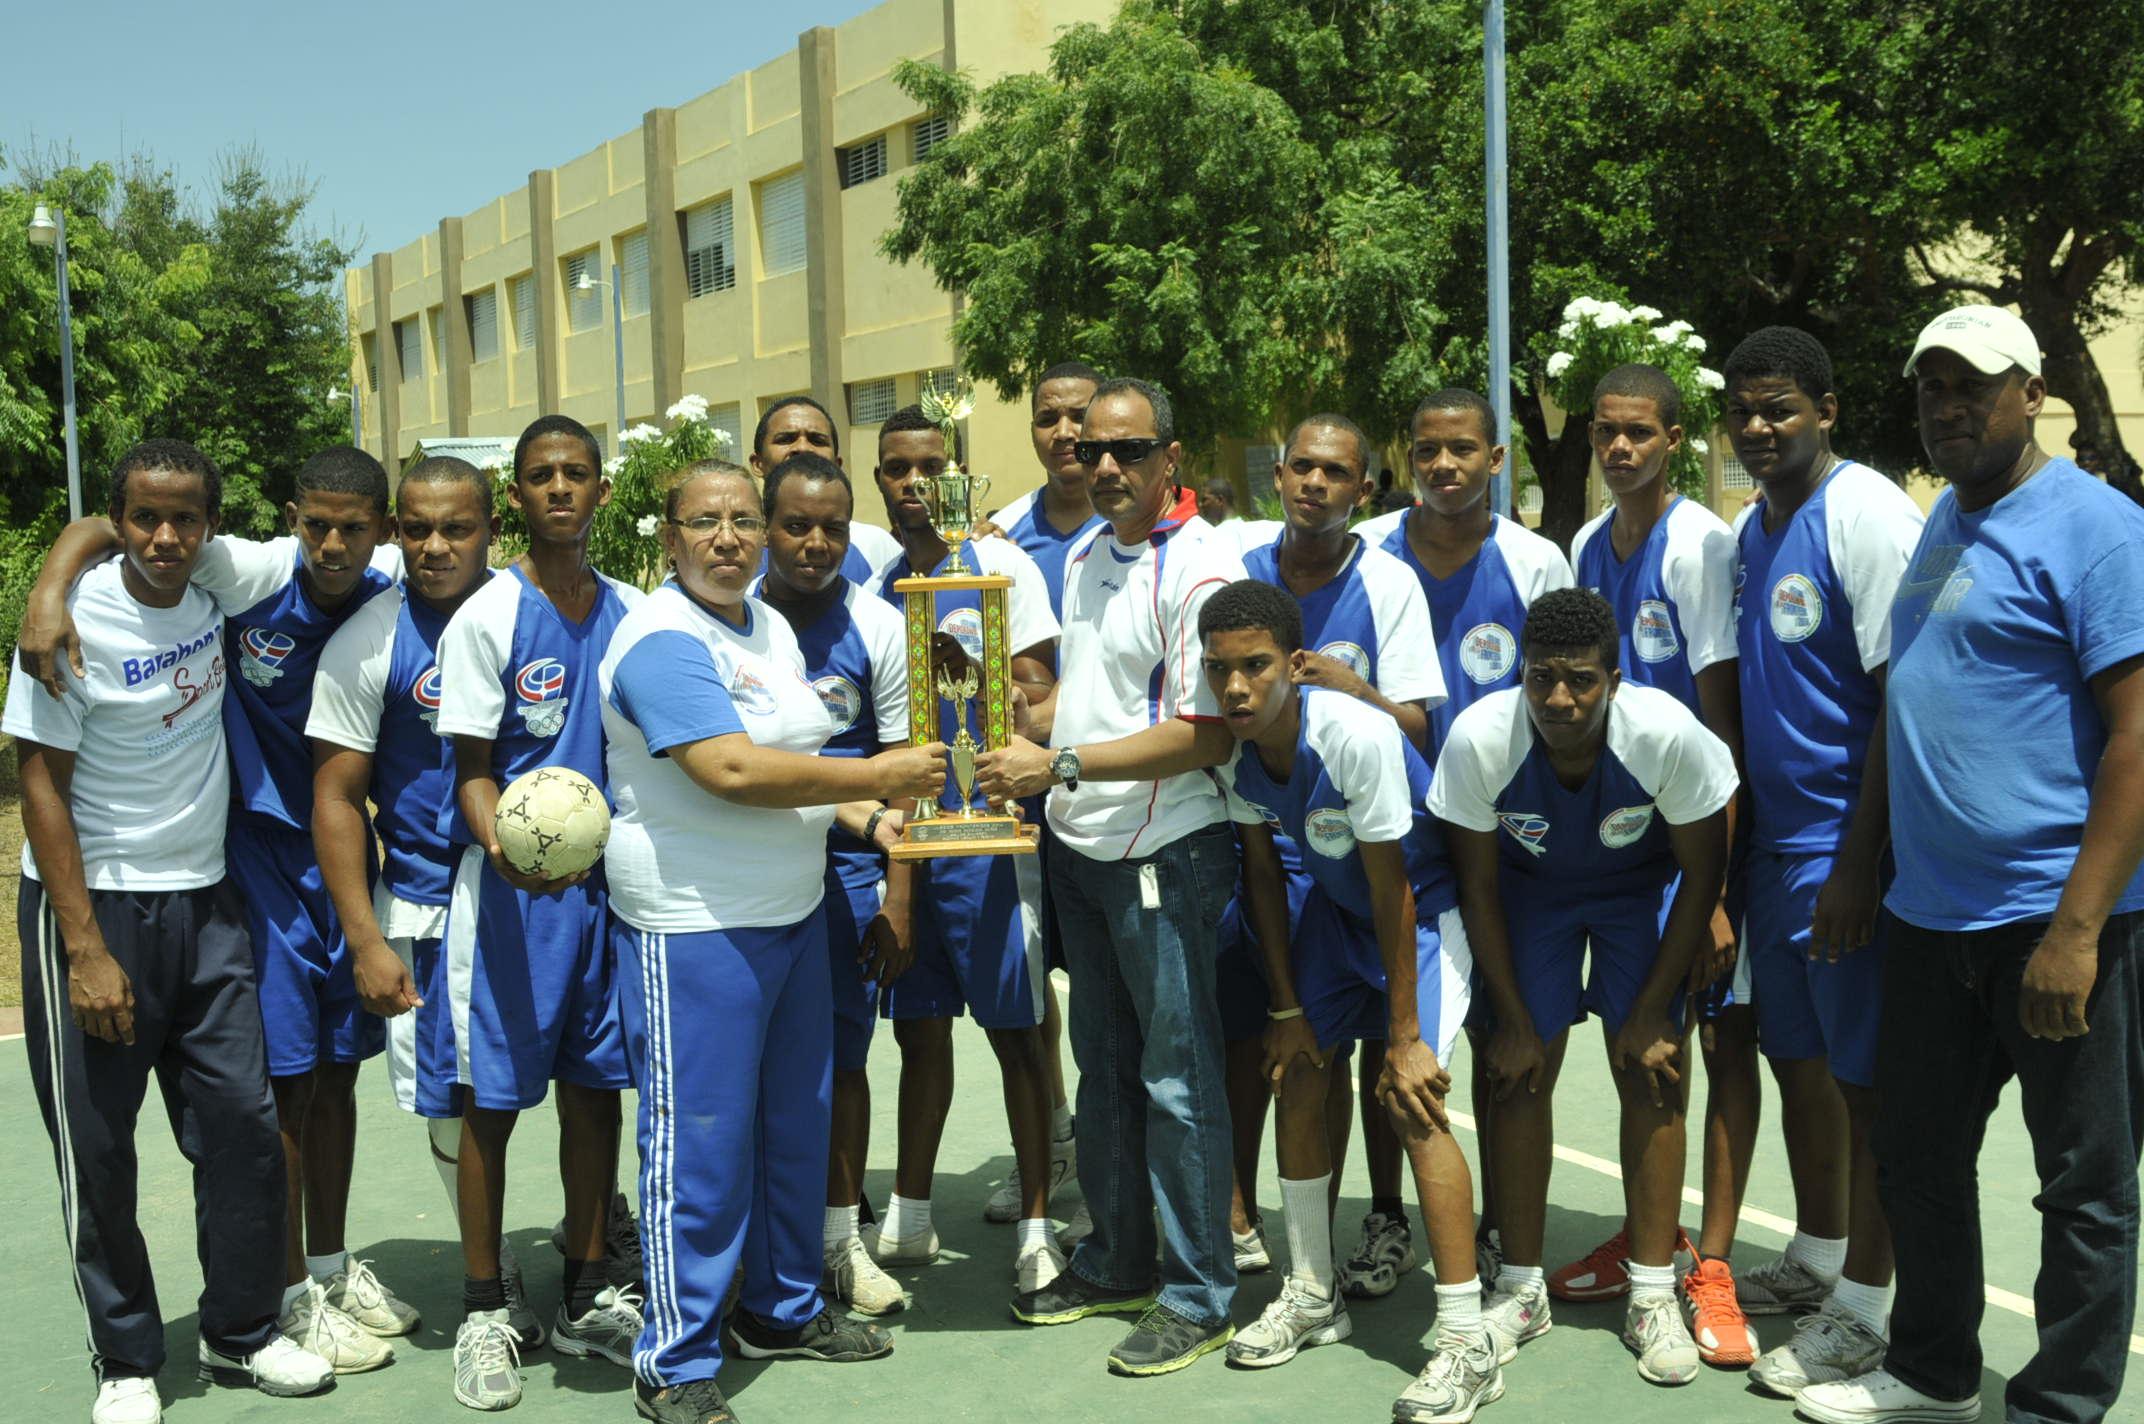 Provincia Independencia, campeón balonmano fronterizos